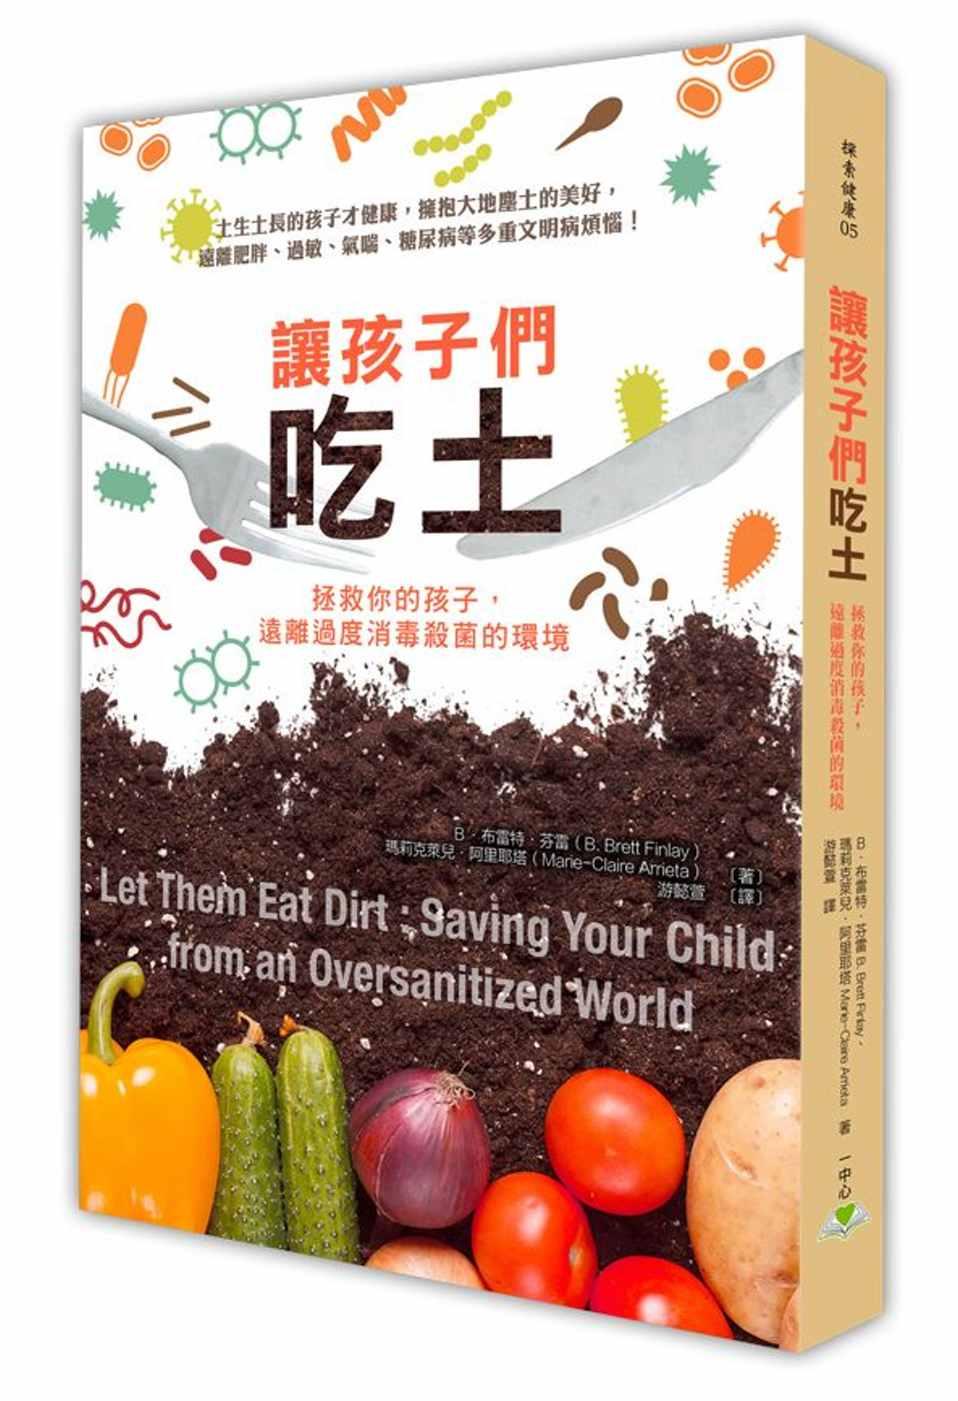 讓孩子們吃土:拯救你的孩子,遠離過度消毒殺菌的環境